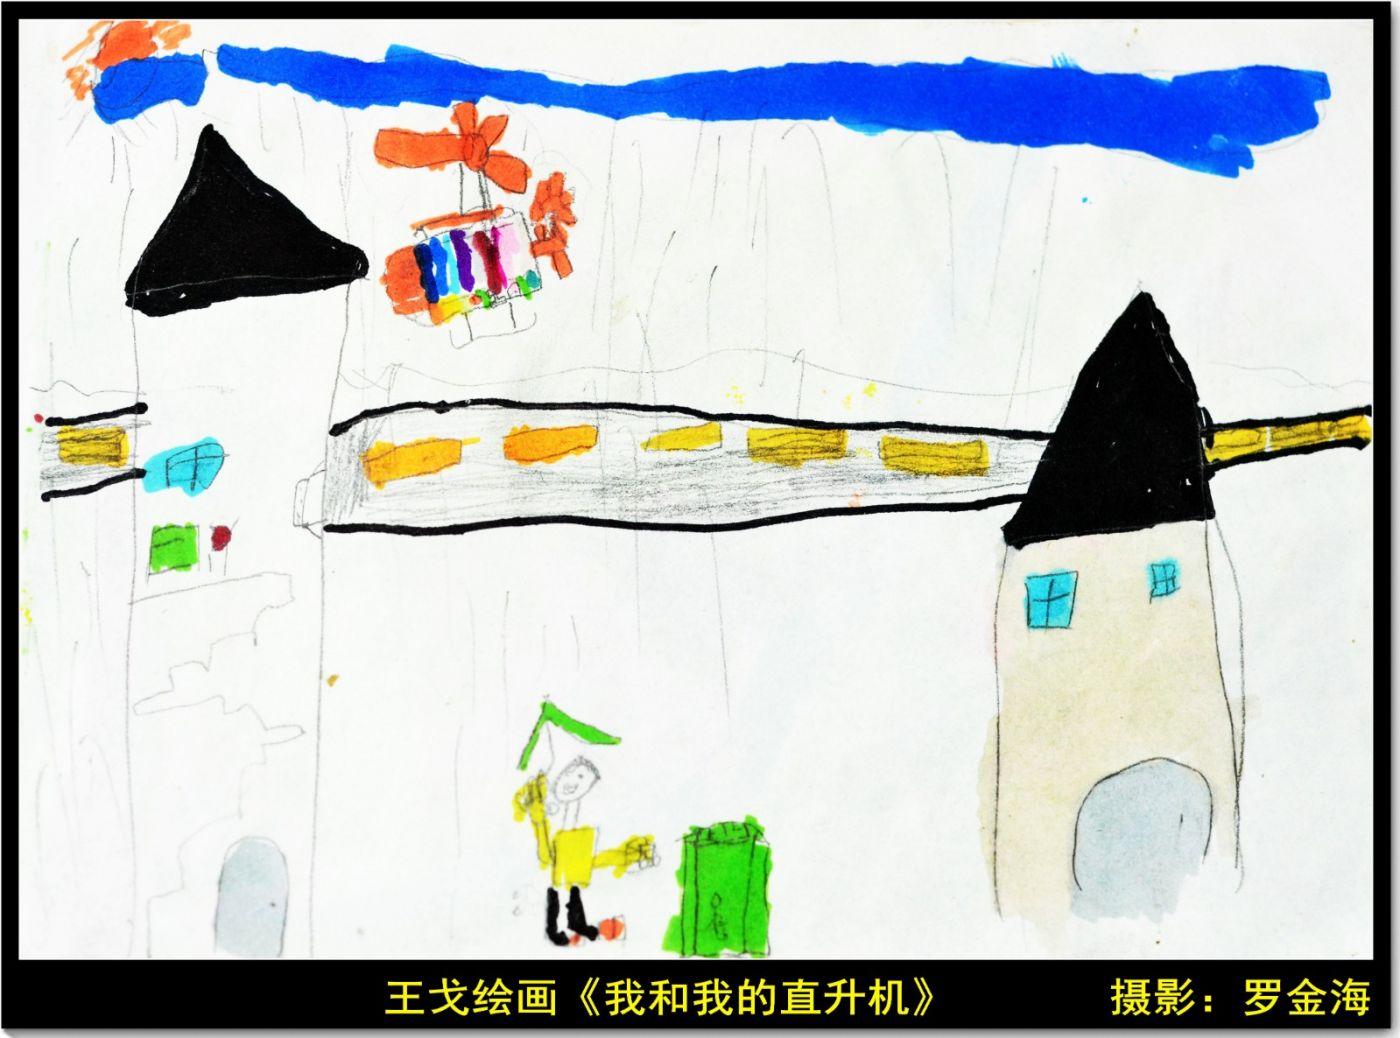 王戈的绘画欣赏(三)七律_图1-4